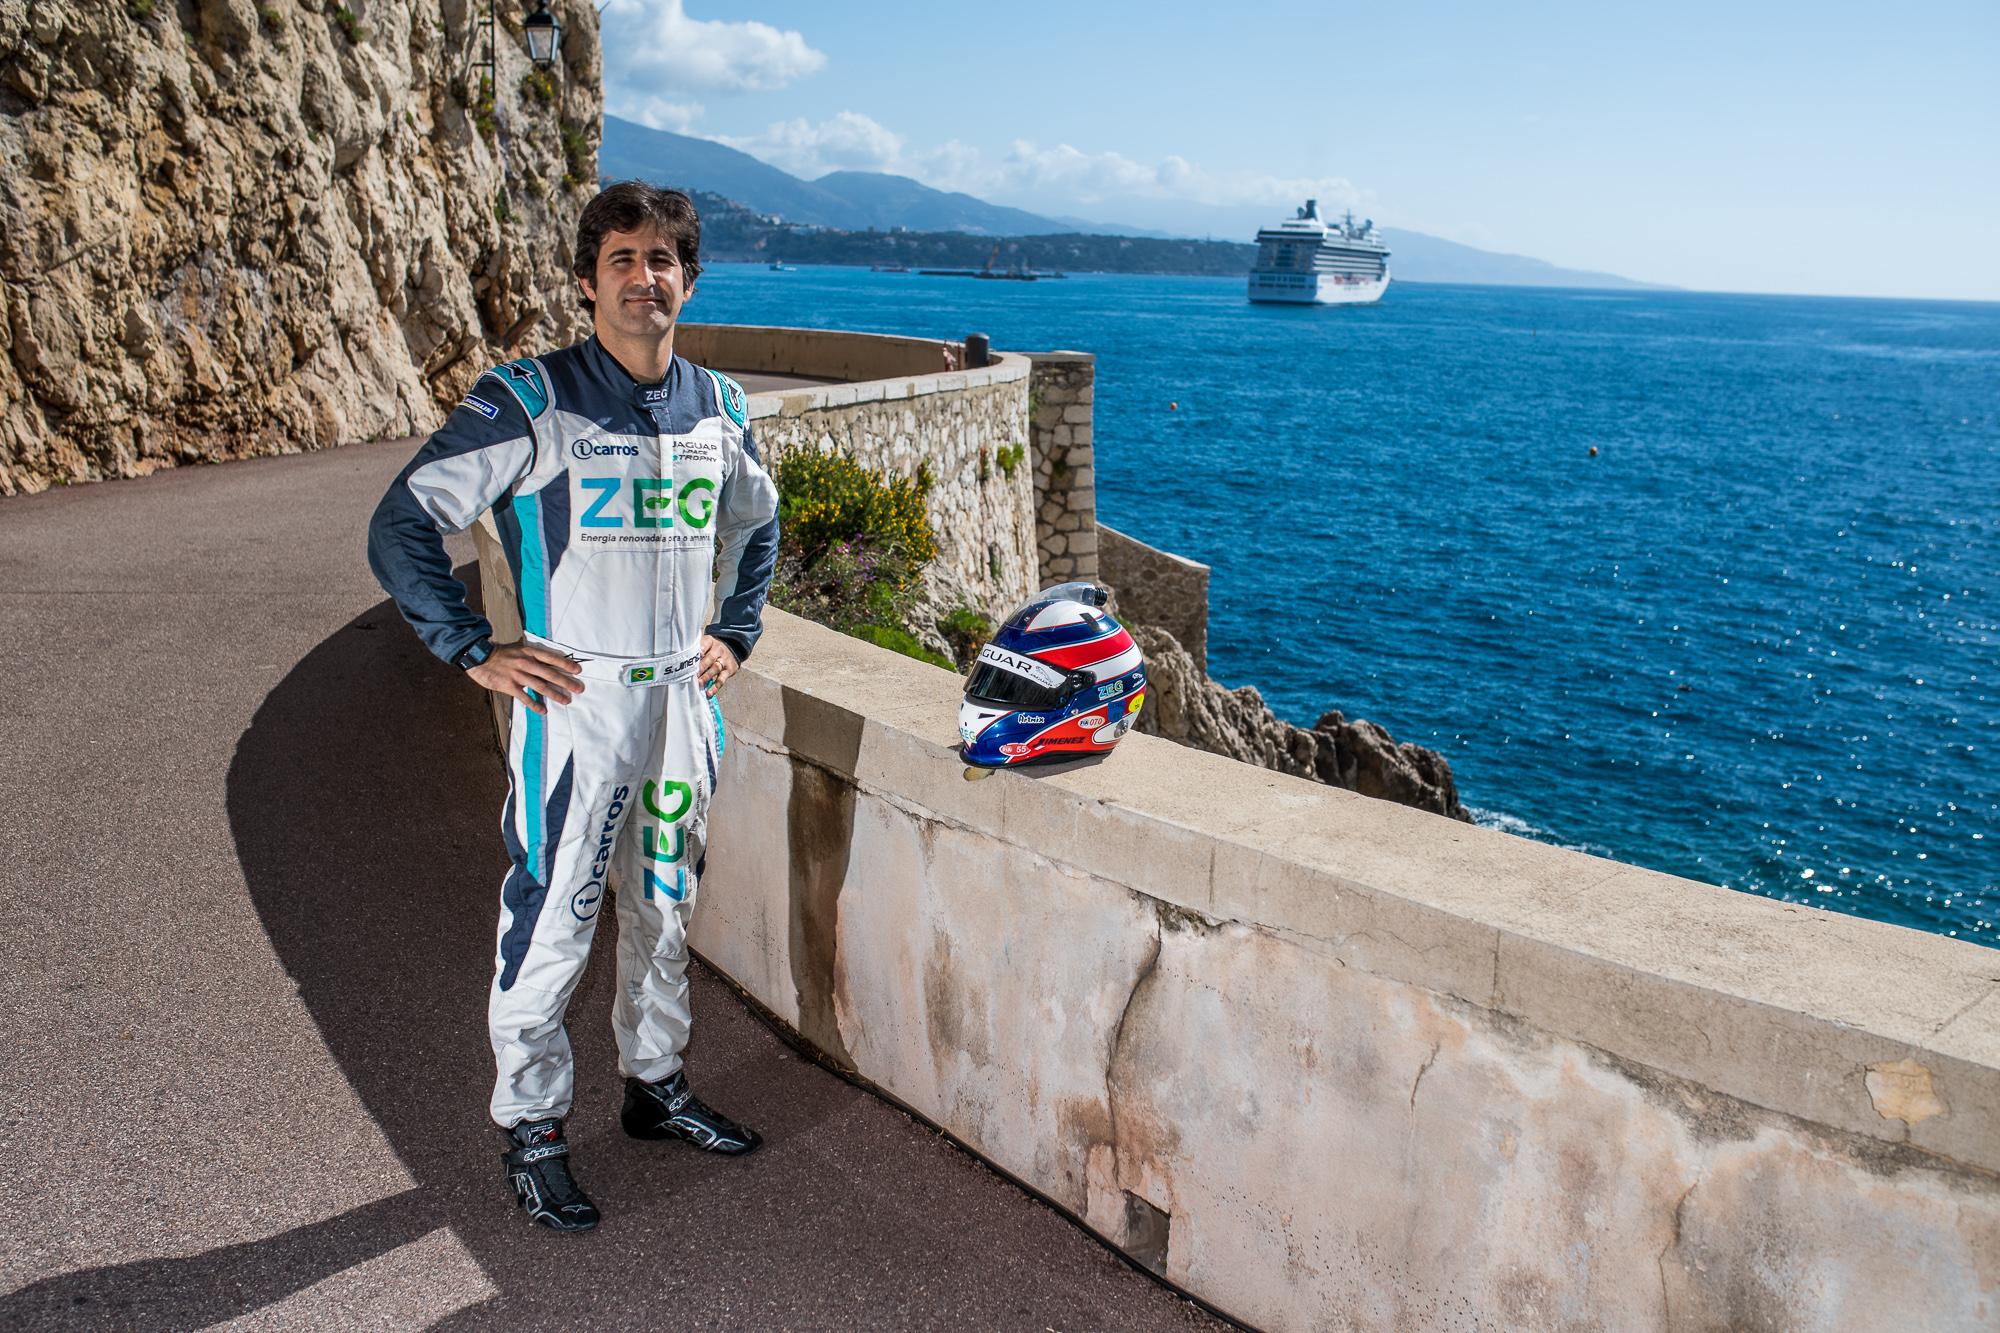 Jaguar_7.Monaco_josemariodias_01038